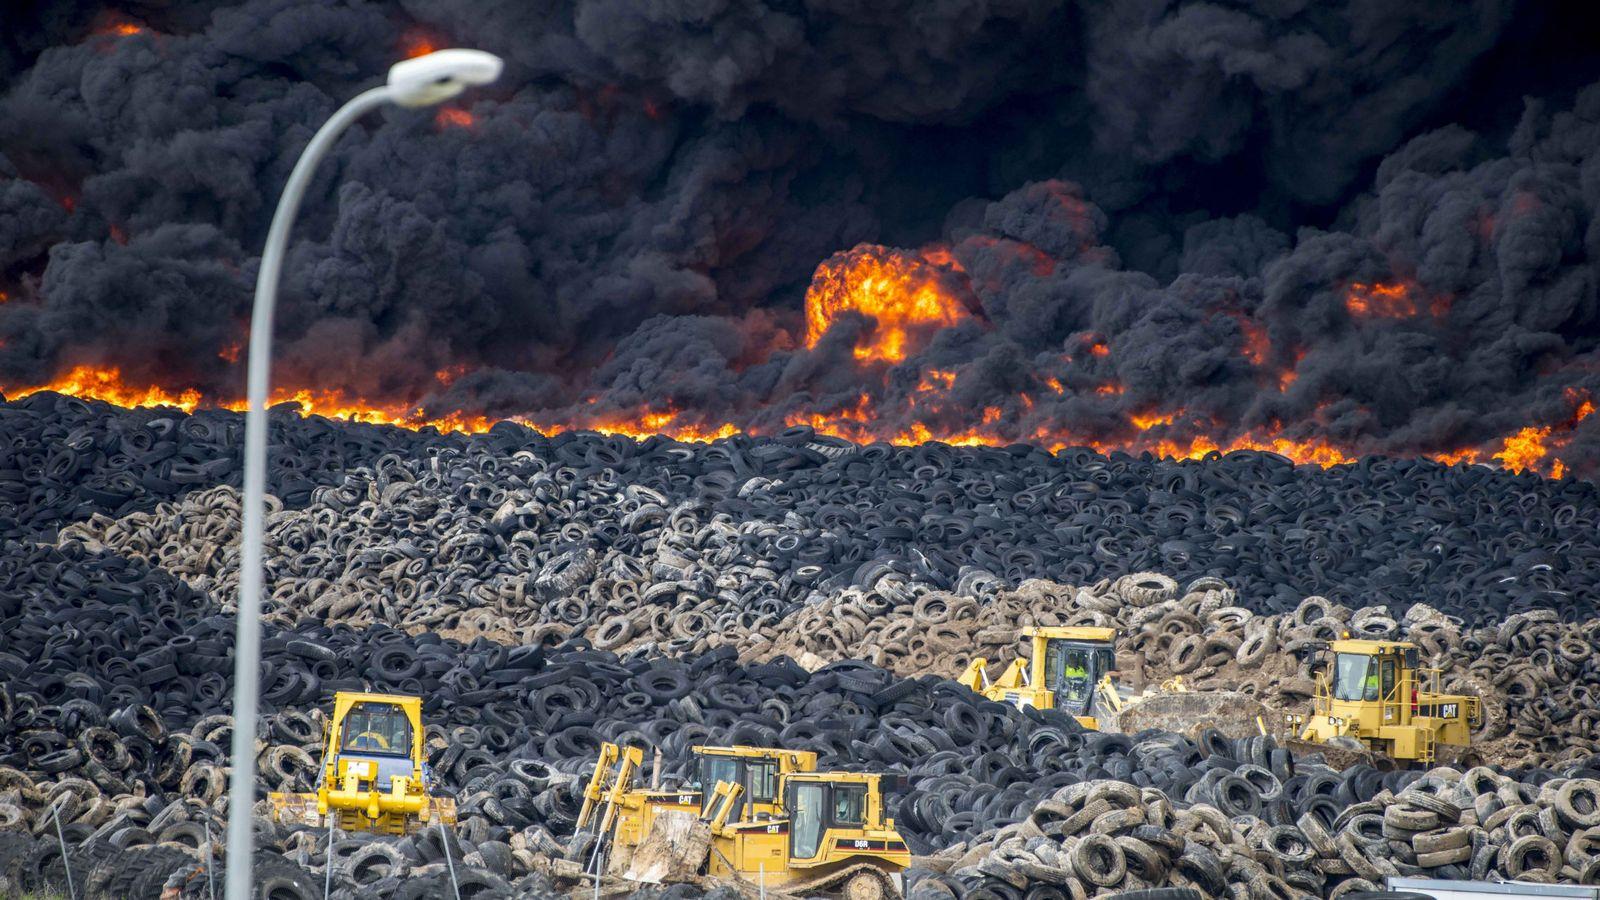 Foto: Se incendia el cementerio de neumÁticos de seseÑa,que acumula unas 100.000 tm